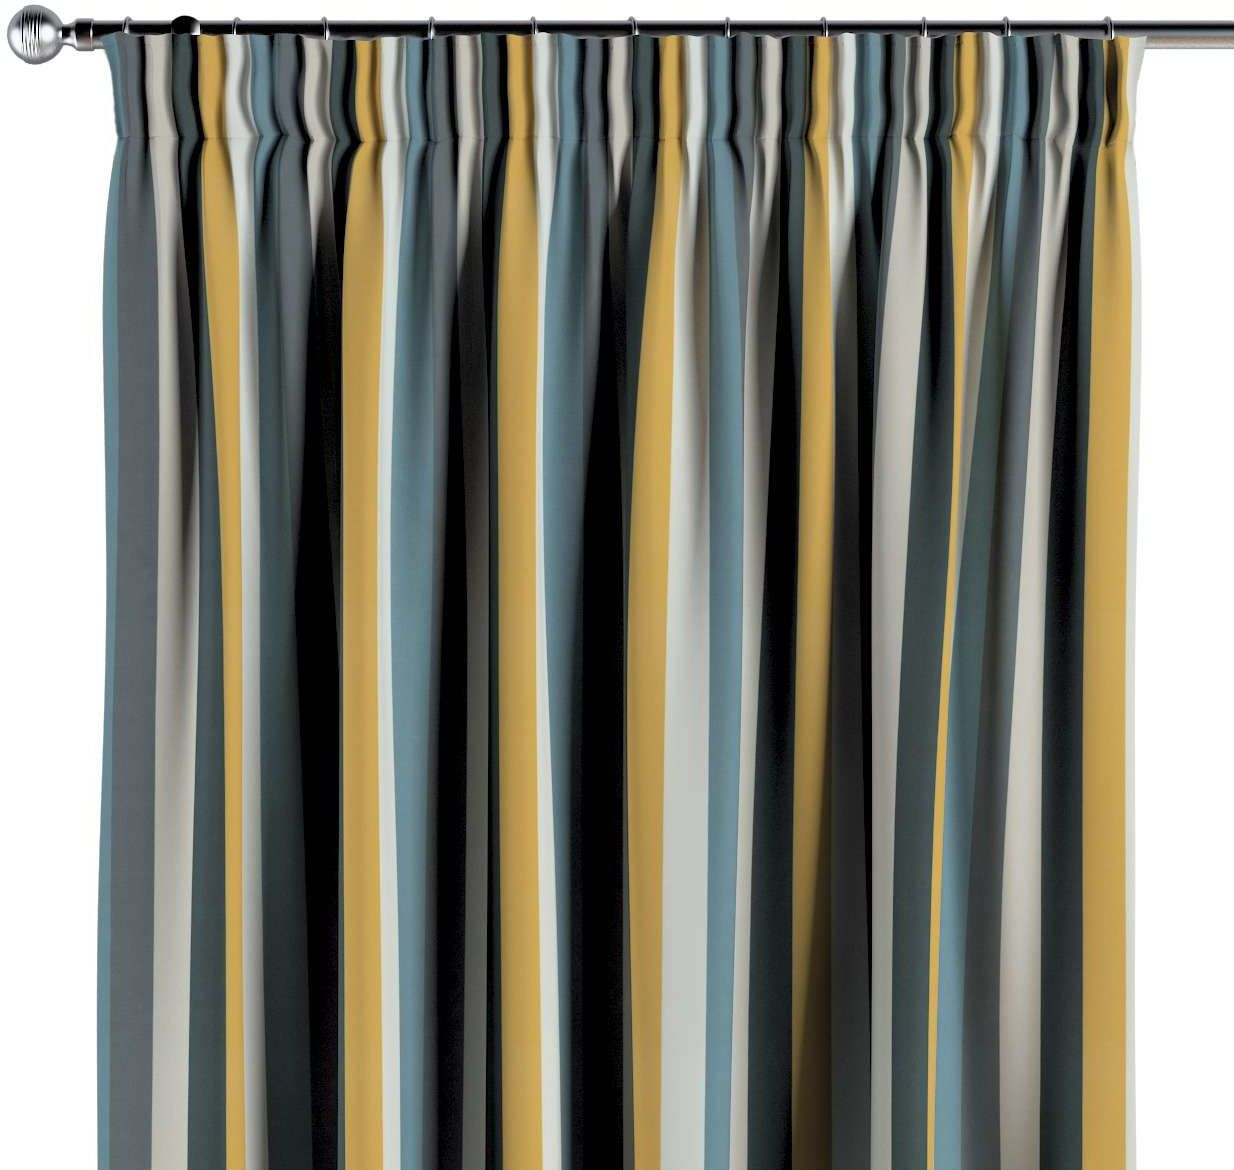 Zasłona na taśmie marszczącej 1 szt., kolorowe pasy w niebiesko-żółto-szarej kolorystyce, 1szt 130  260 cm, Vintage 70''s